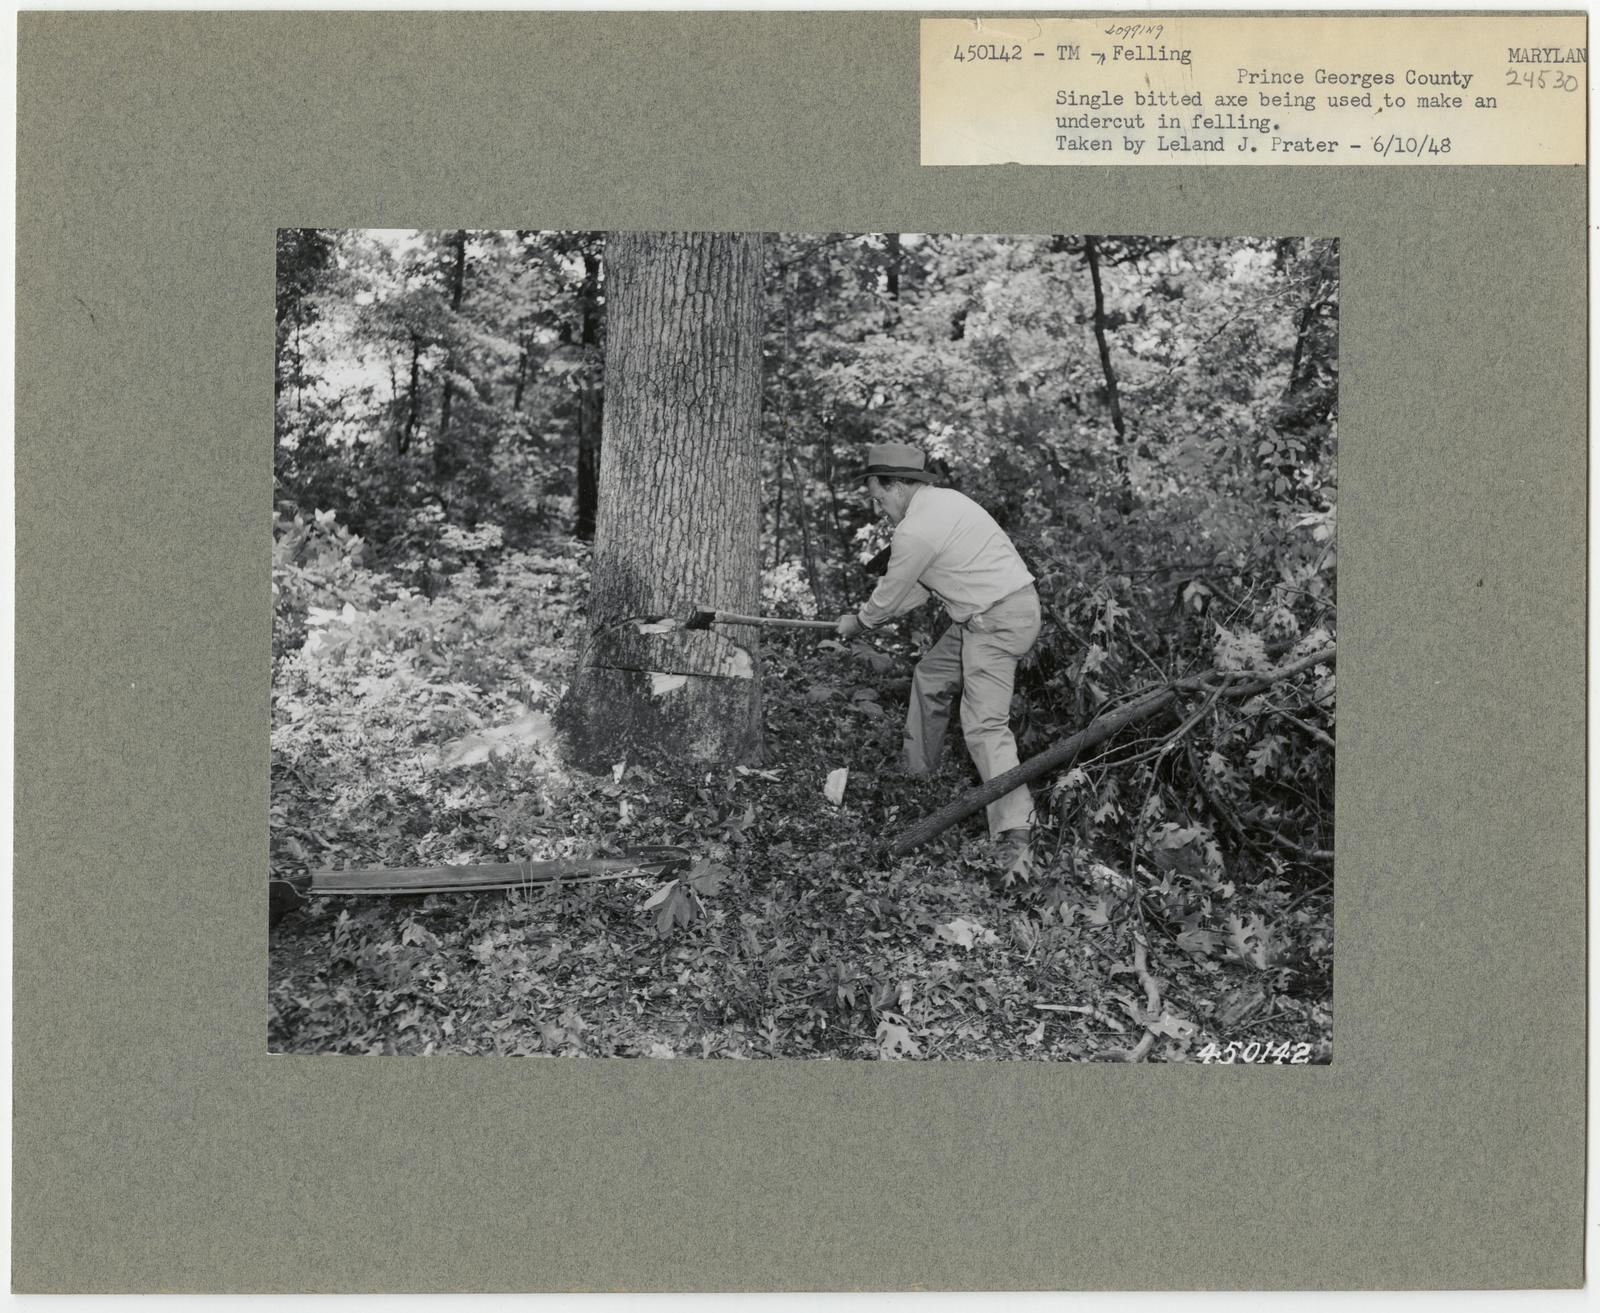 Logging: Felling - Maryland